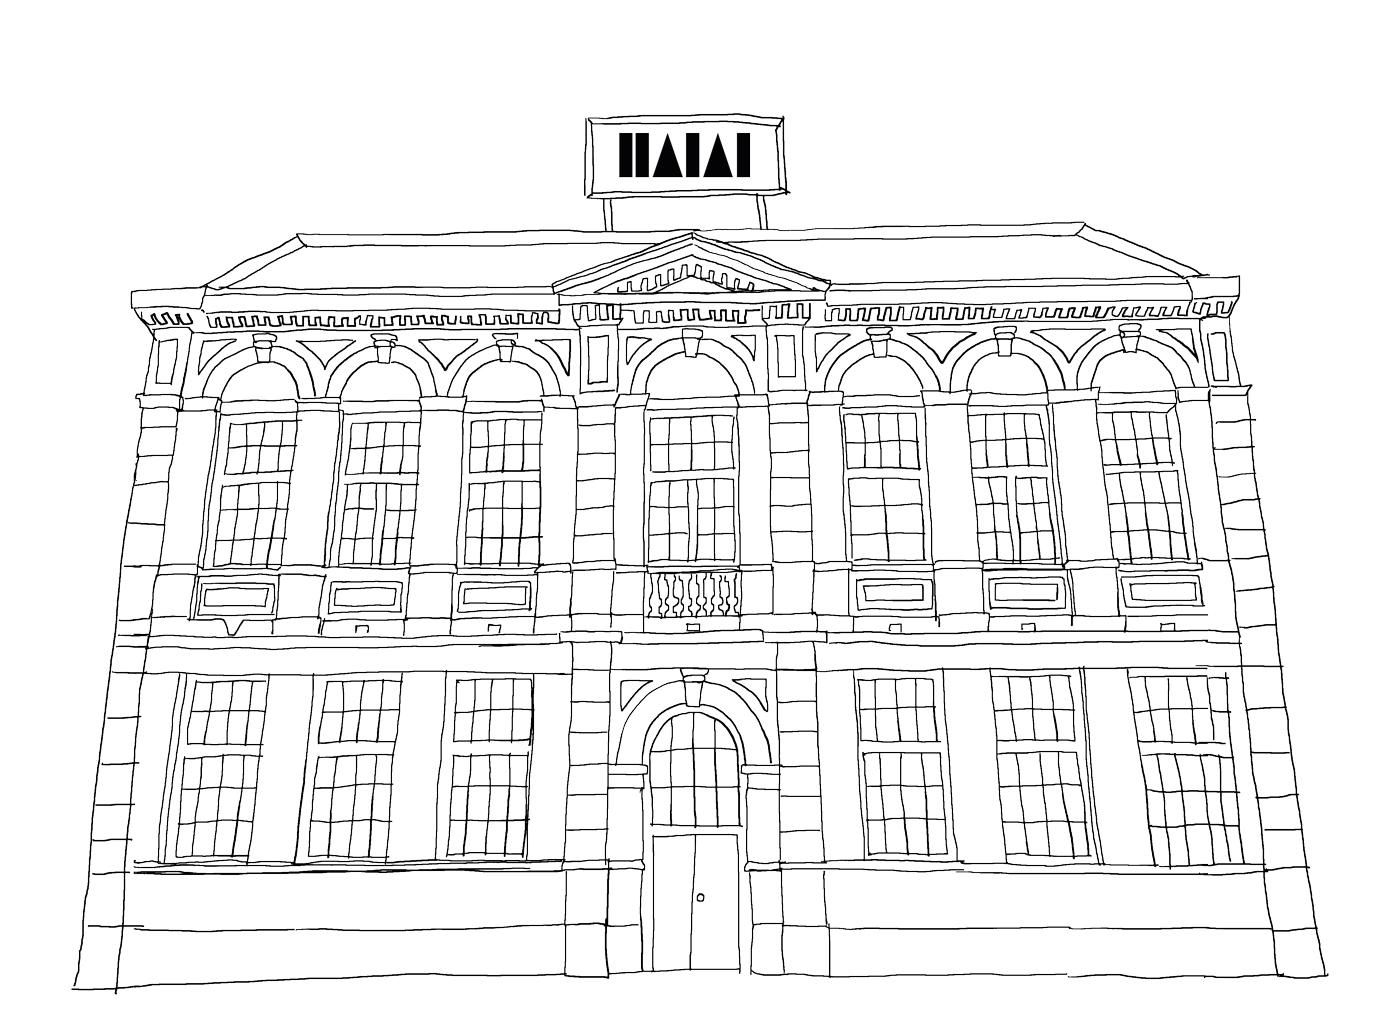 HALA-BUILDING